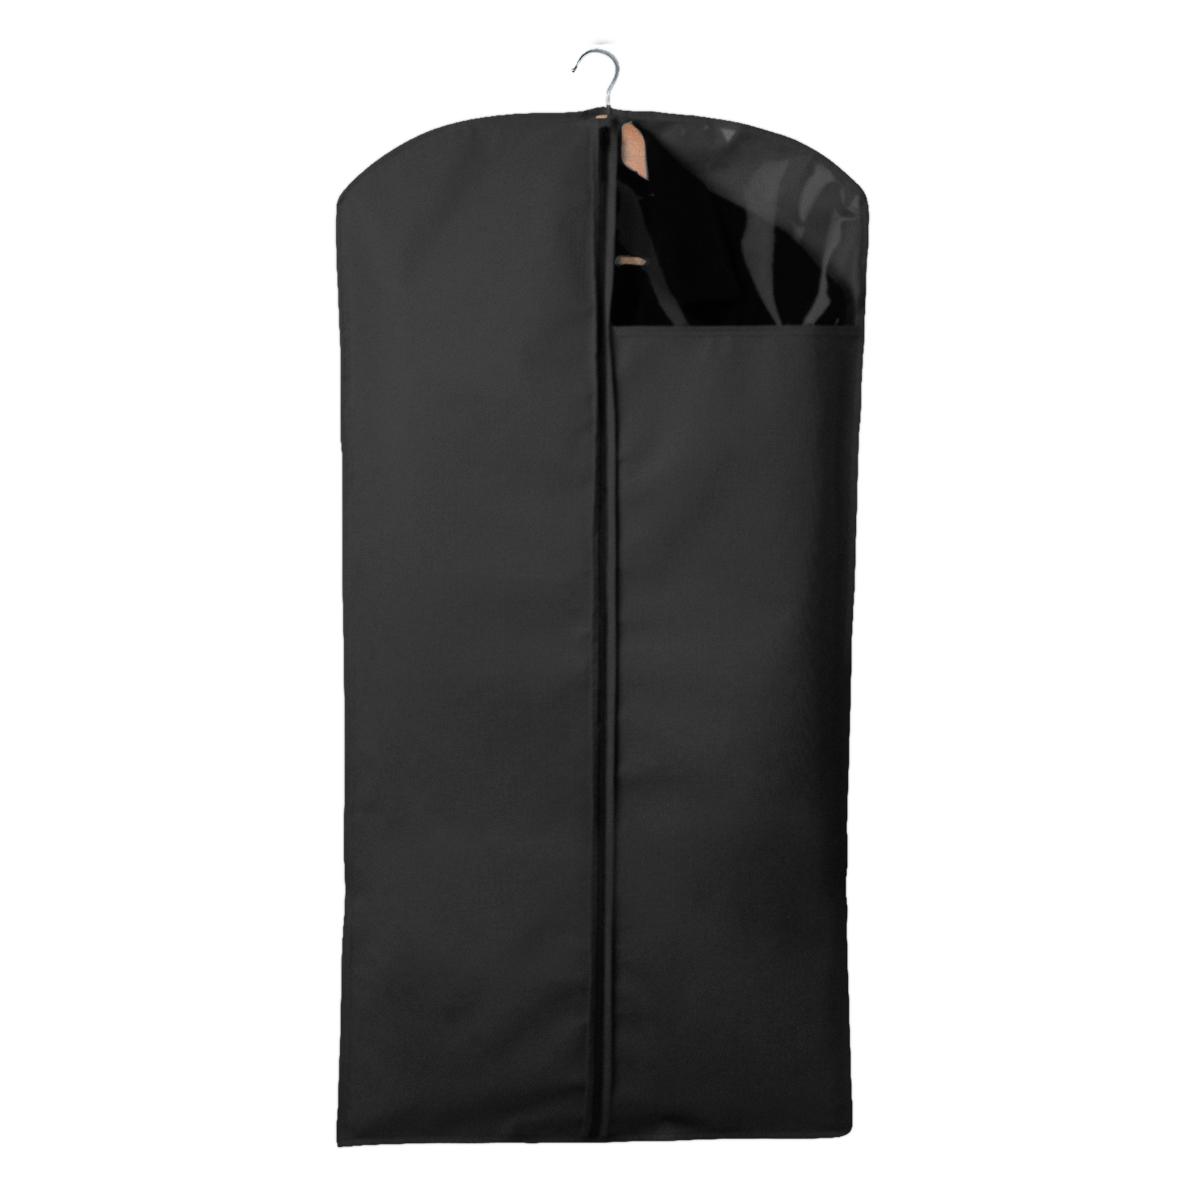 Чехол для одежды Miolla, с окошком, цвет: черный, 120 х 60 см12723Чехол для костюмов и платьев Miolla на застежке-молнии выполнен из высококачественного нетканого материала. Прозрачное полиэтиленовое окошко позволяет видеть содержимое чехла. Подходит для длительного хранения вещей.Чехол обеспечивает вашей одежде надежную защиту от влажности, повреждений и грязи при транспортировке, от запыления при хранении и проникновения моли. Чехол обладает водоотталкивающими свойствами, а также позволяет воздуху свободно поступать внутрь вещей, обеспечивая их кондиционирование. Размер чехла: 120 х 60 см.